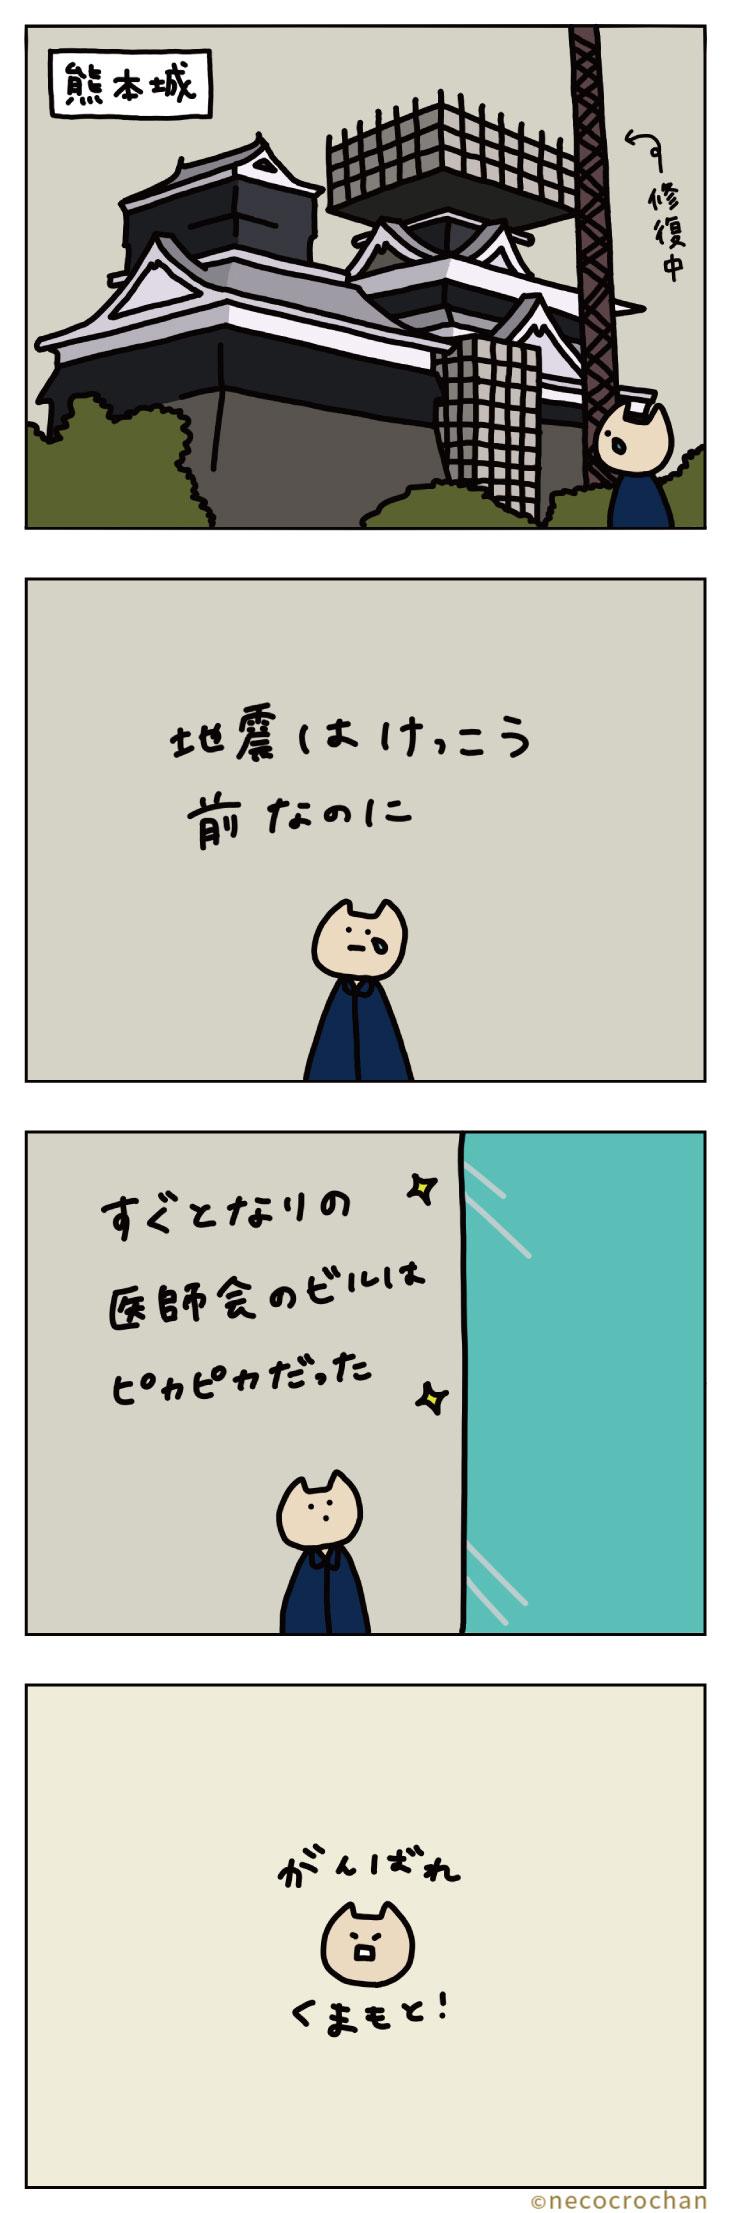 4コマ漫画ねこくろにっき「旅行〜熊本城〜」